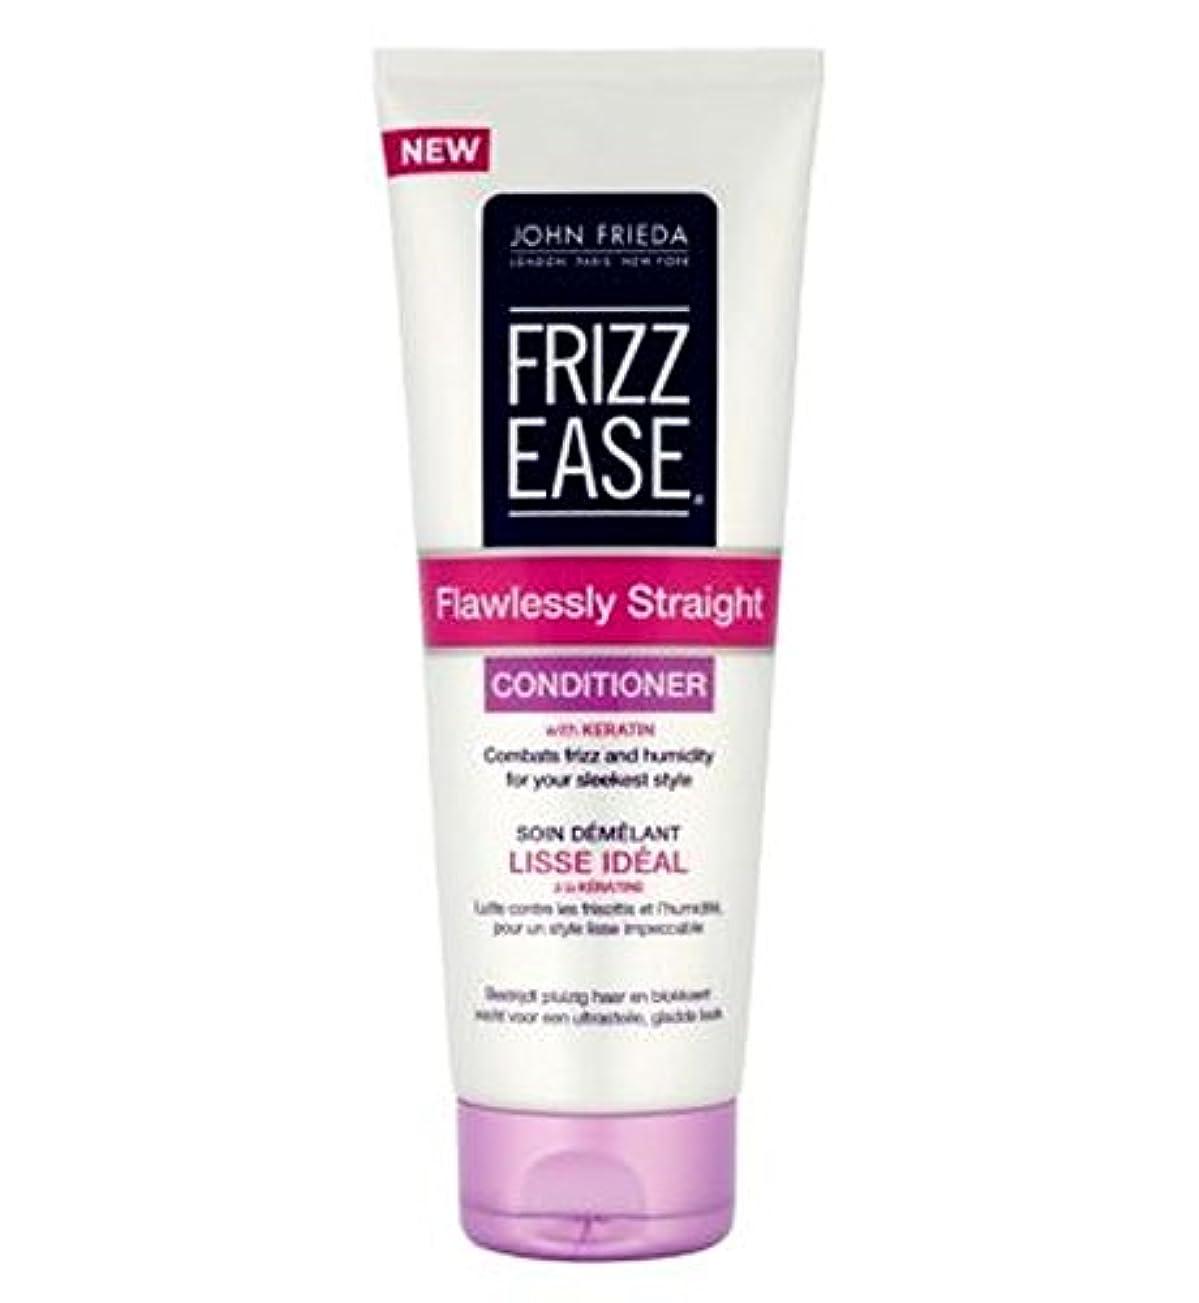 抜け目のない情報召集するジョン?フリーダ縮れ-容易完璧ストレートコンディショナー250Ml (John Frieda) (x2) - John Frieda Frizz-Ease Flawlessly Straight Conditioner...